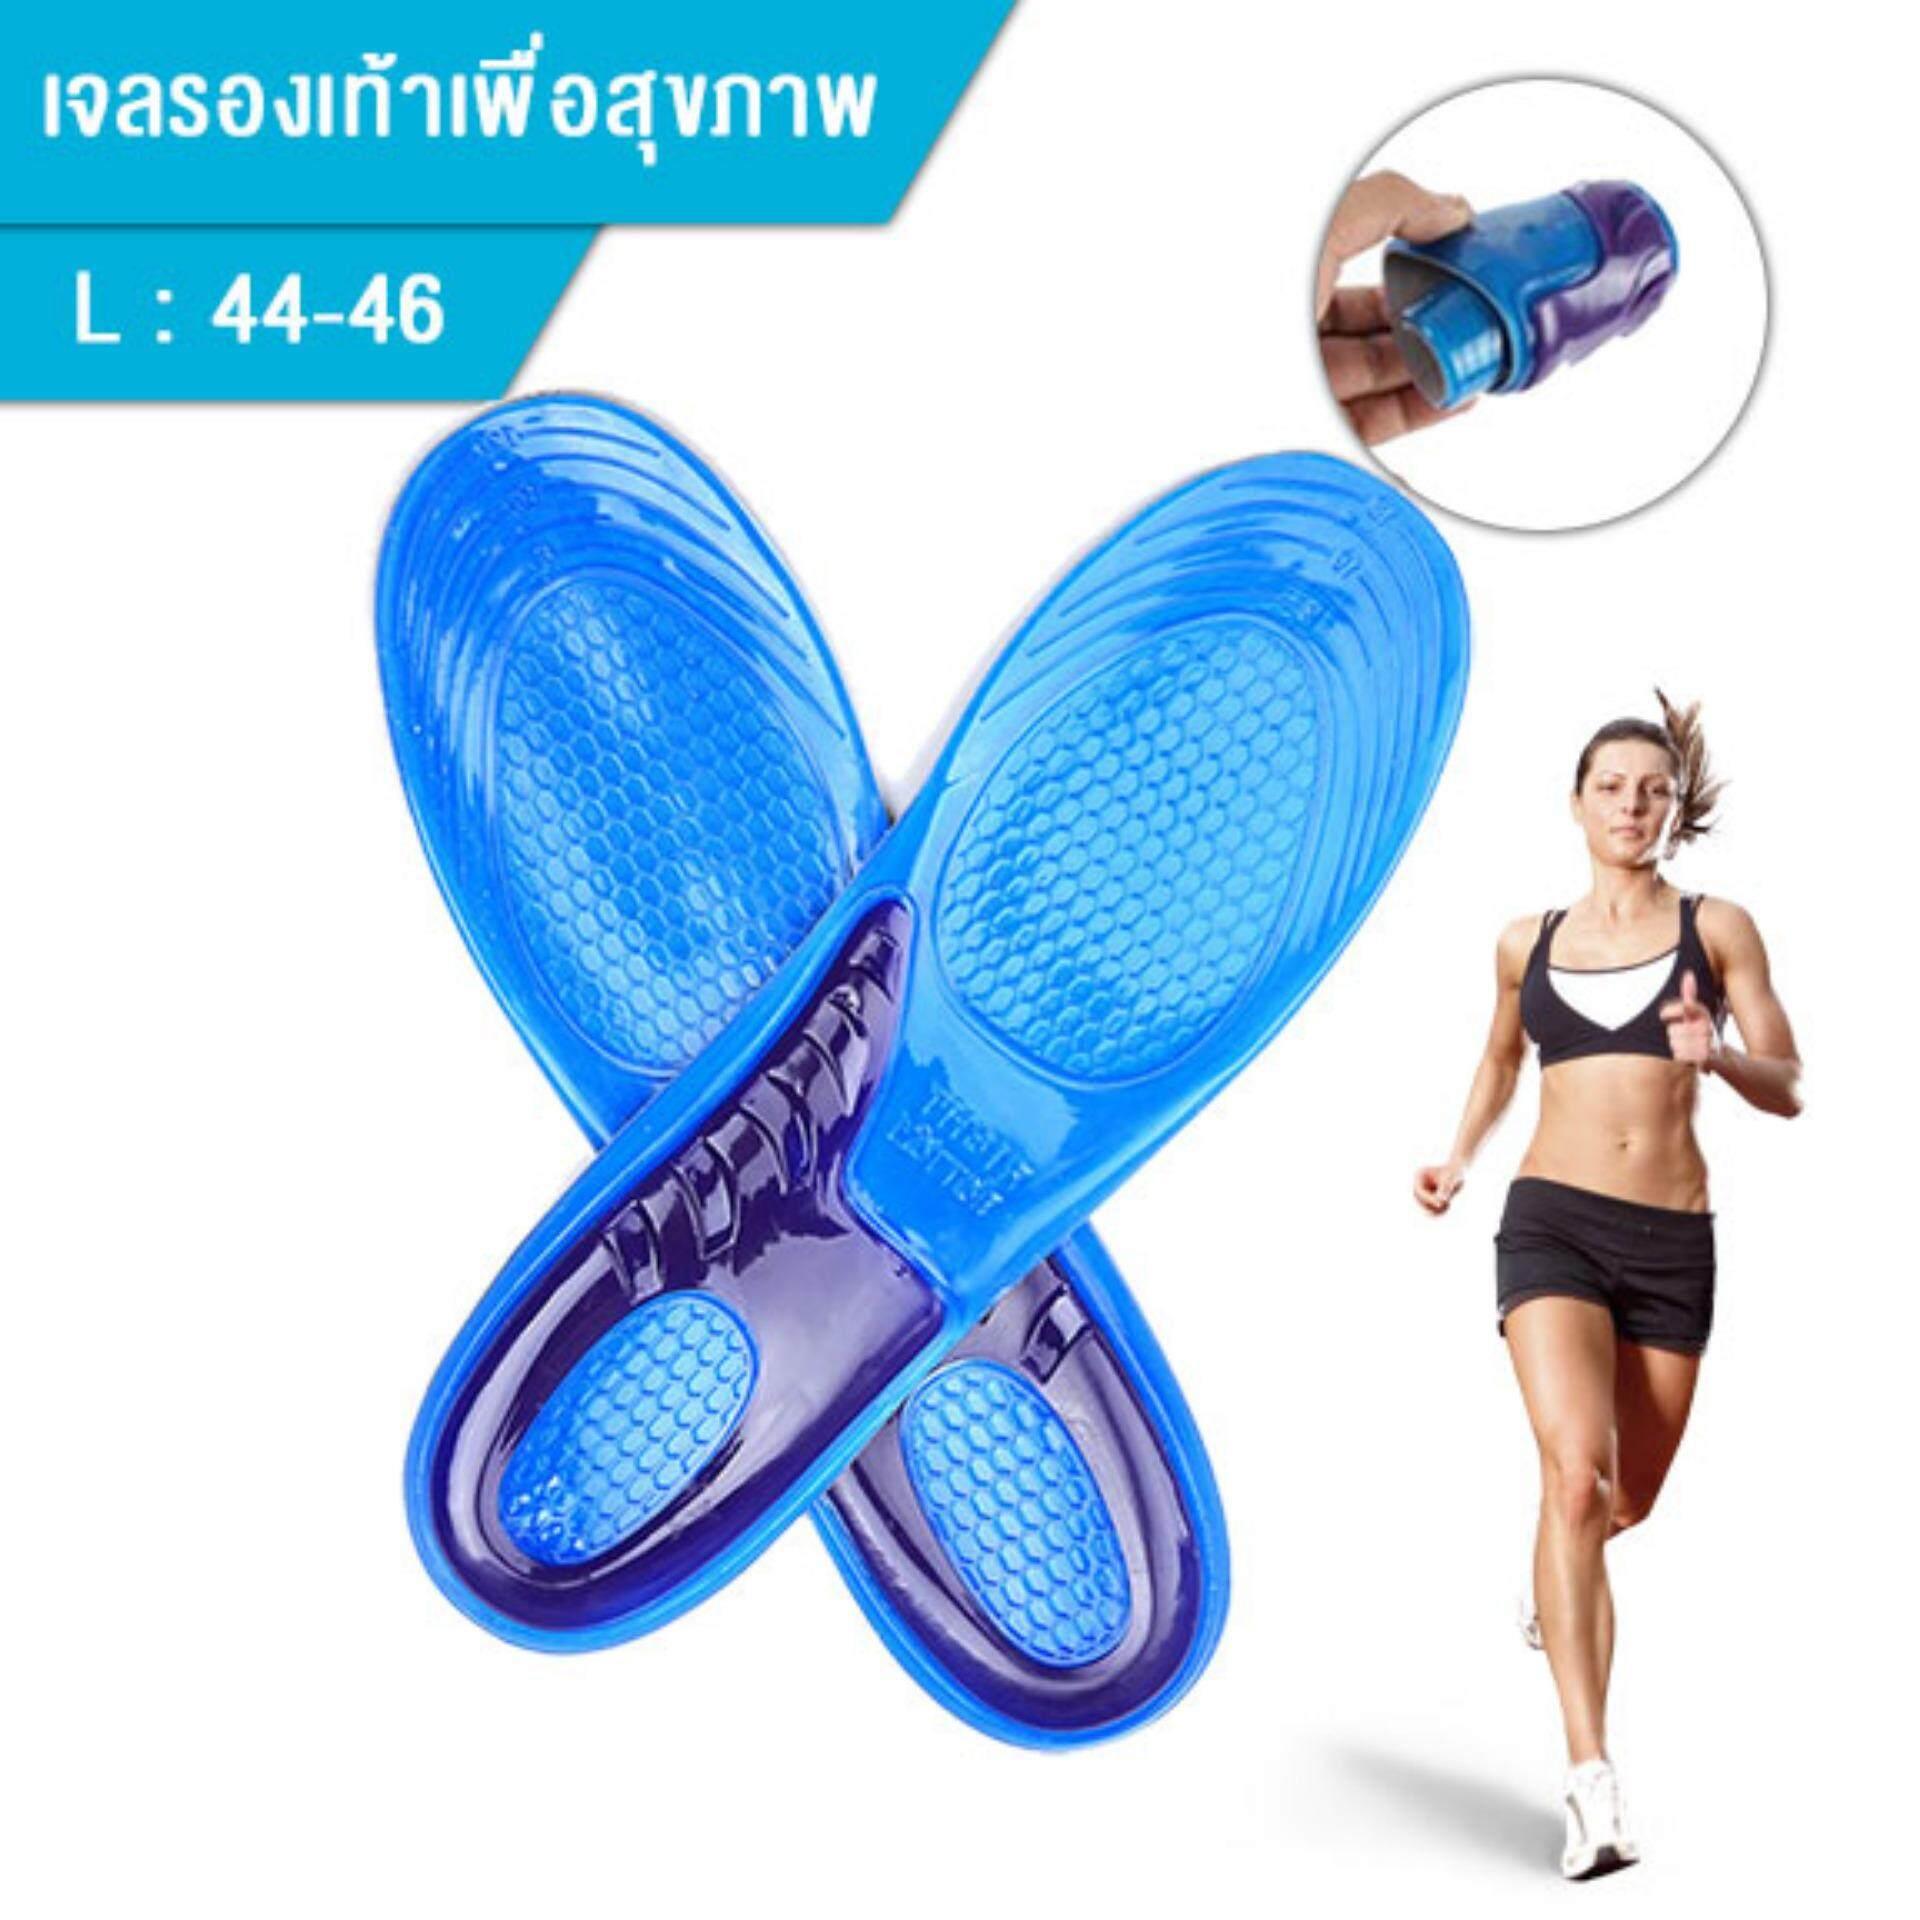 แผ่นเสริมรองเท้าซิลิโคนเจลเพื่อสุขภาพ (soft Gel) รุ่นเต็มเท้า ชาย/หญิง เจล Activ ดูดซับแรงกระแทก By Meyabee.